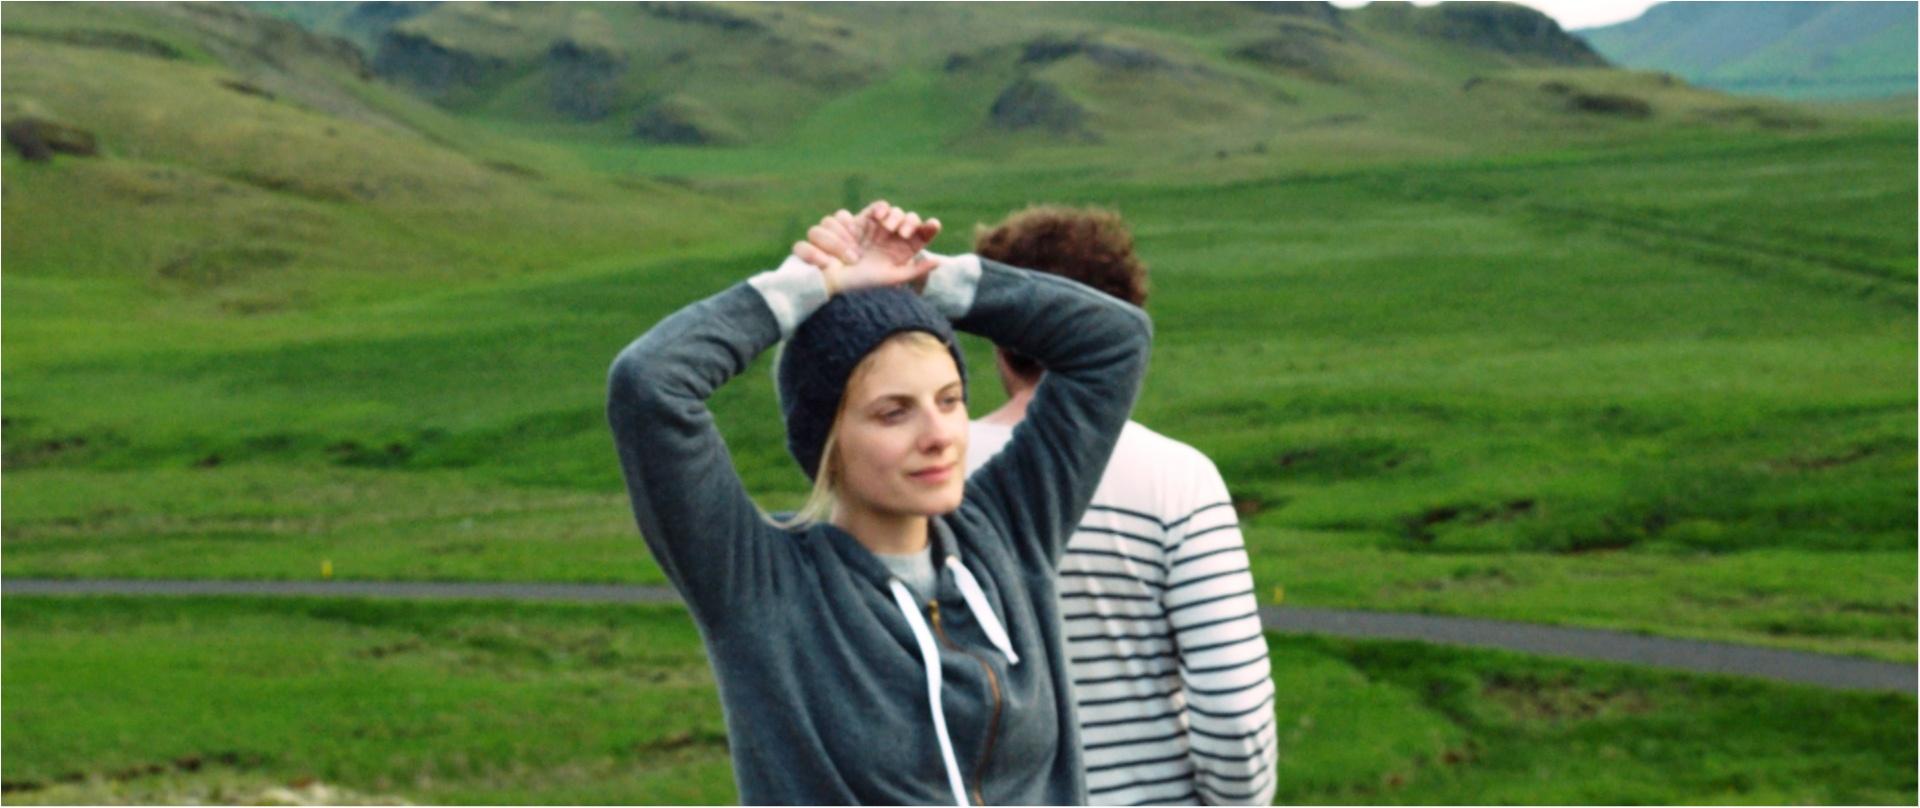 口コミで大ヒット! フランスの人気女優によるドキュメンタリー映画『TOMORROW パーマネントライフを探して』_1